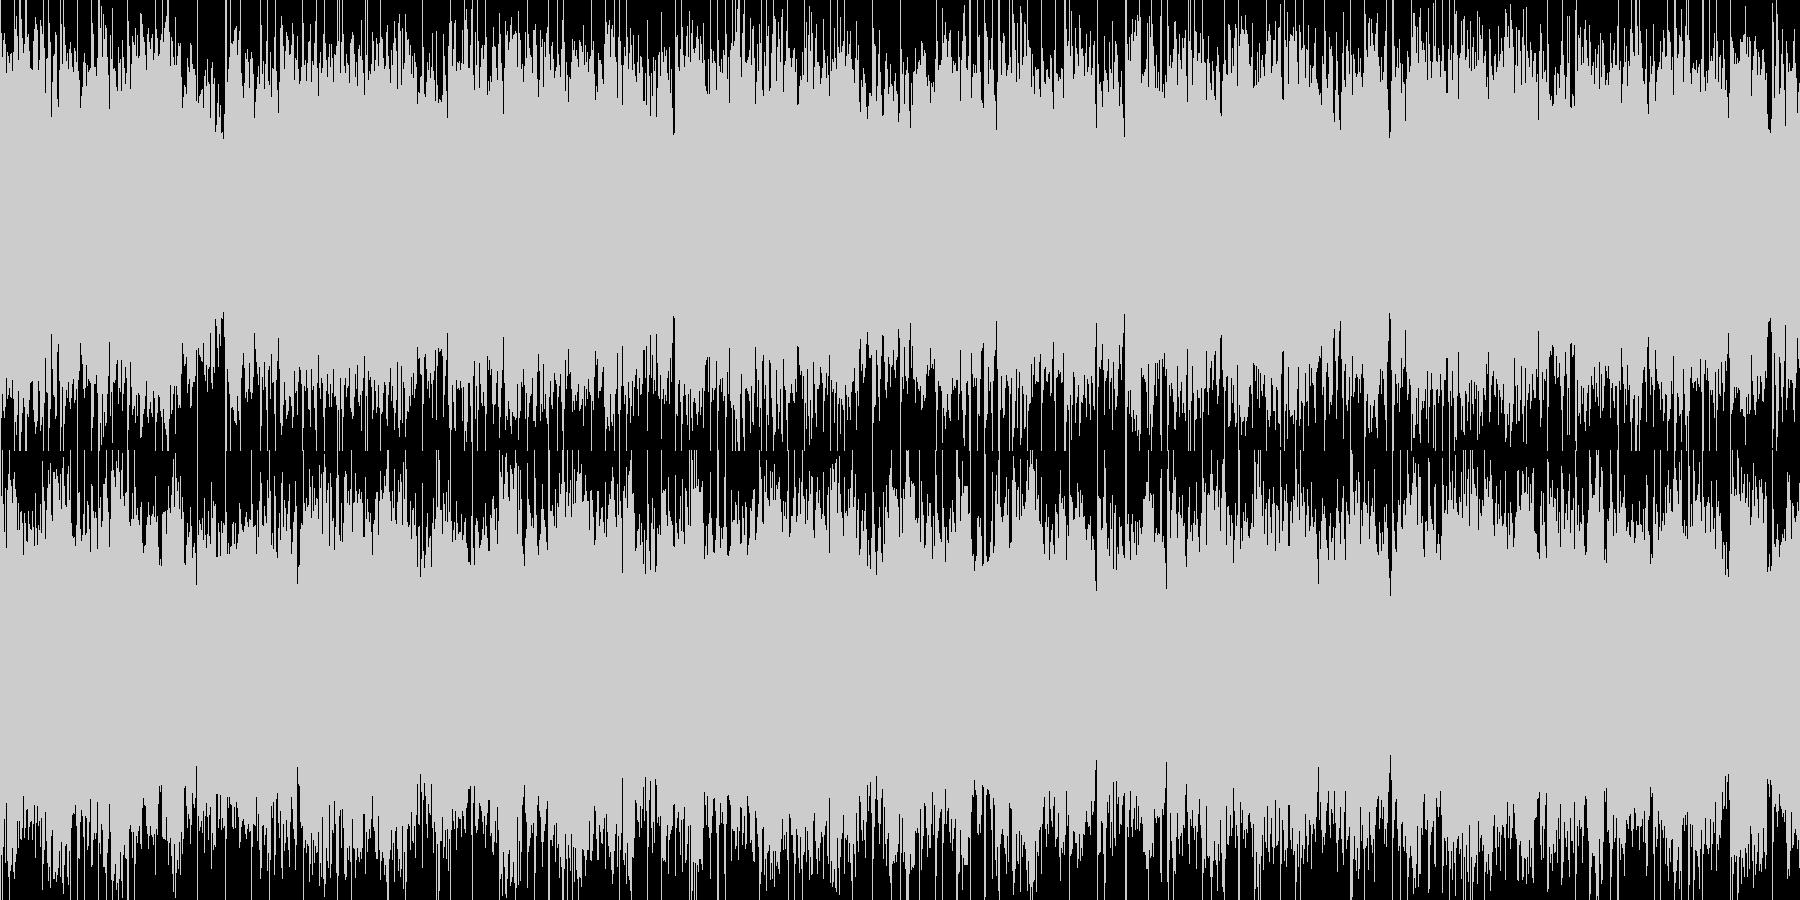 夢に入りそうな眠たいBGMの未再生の波形